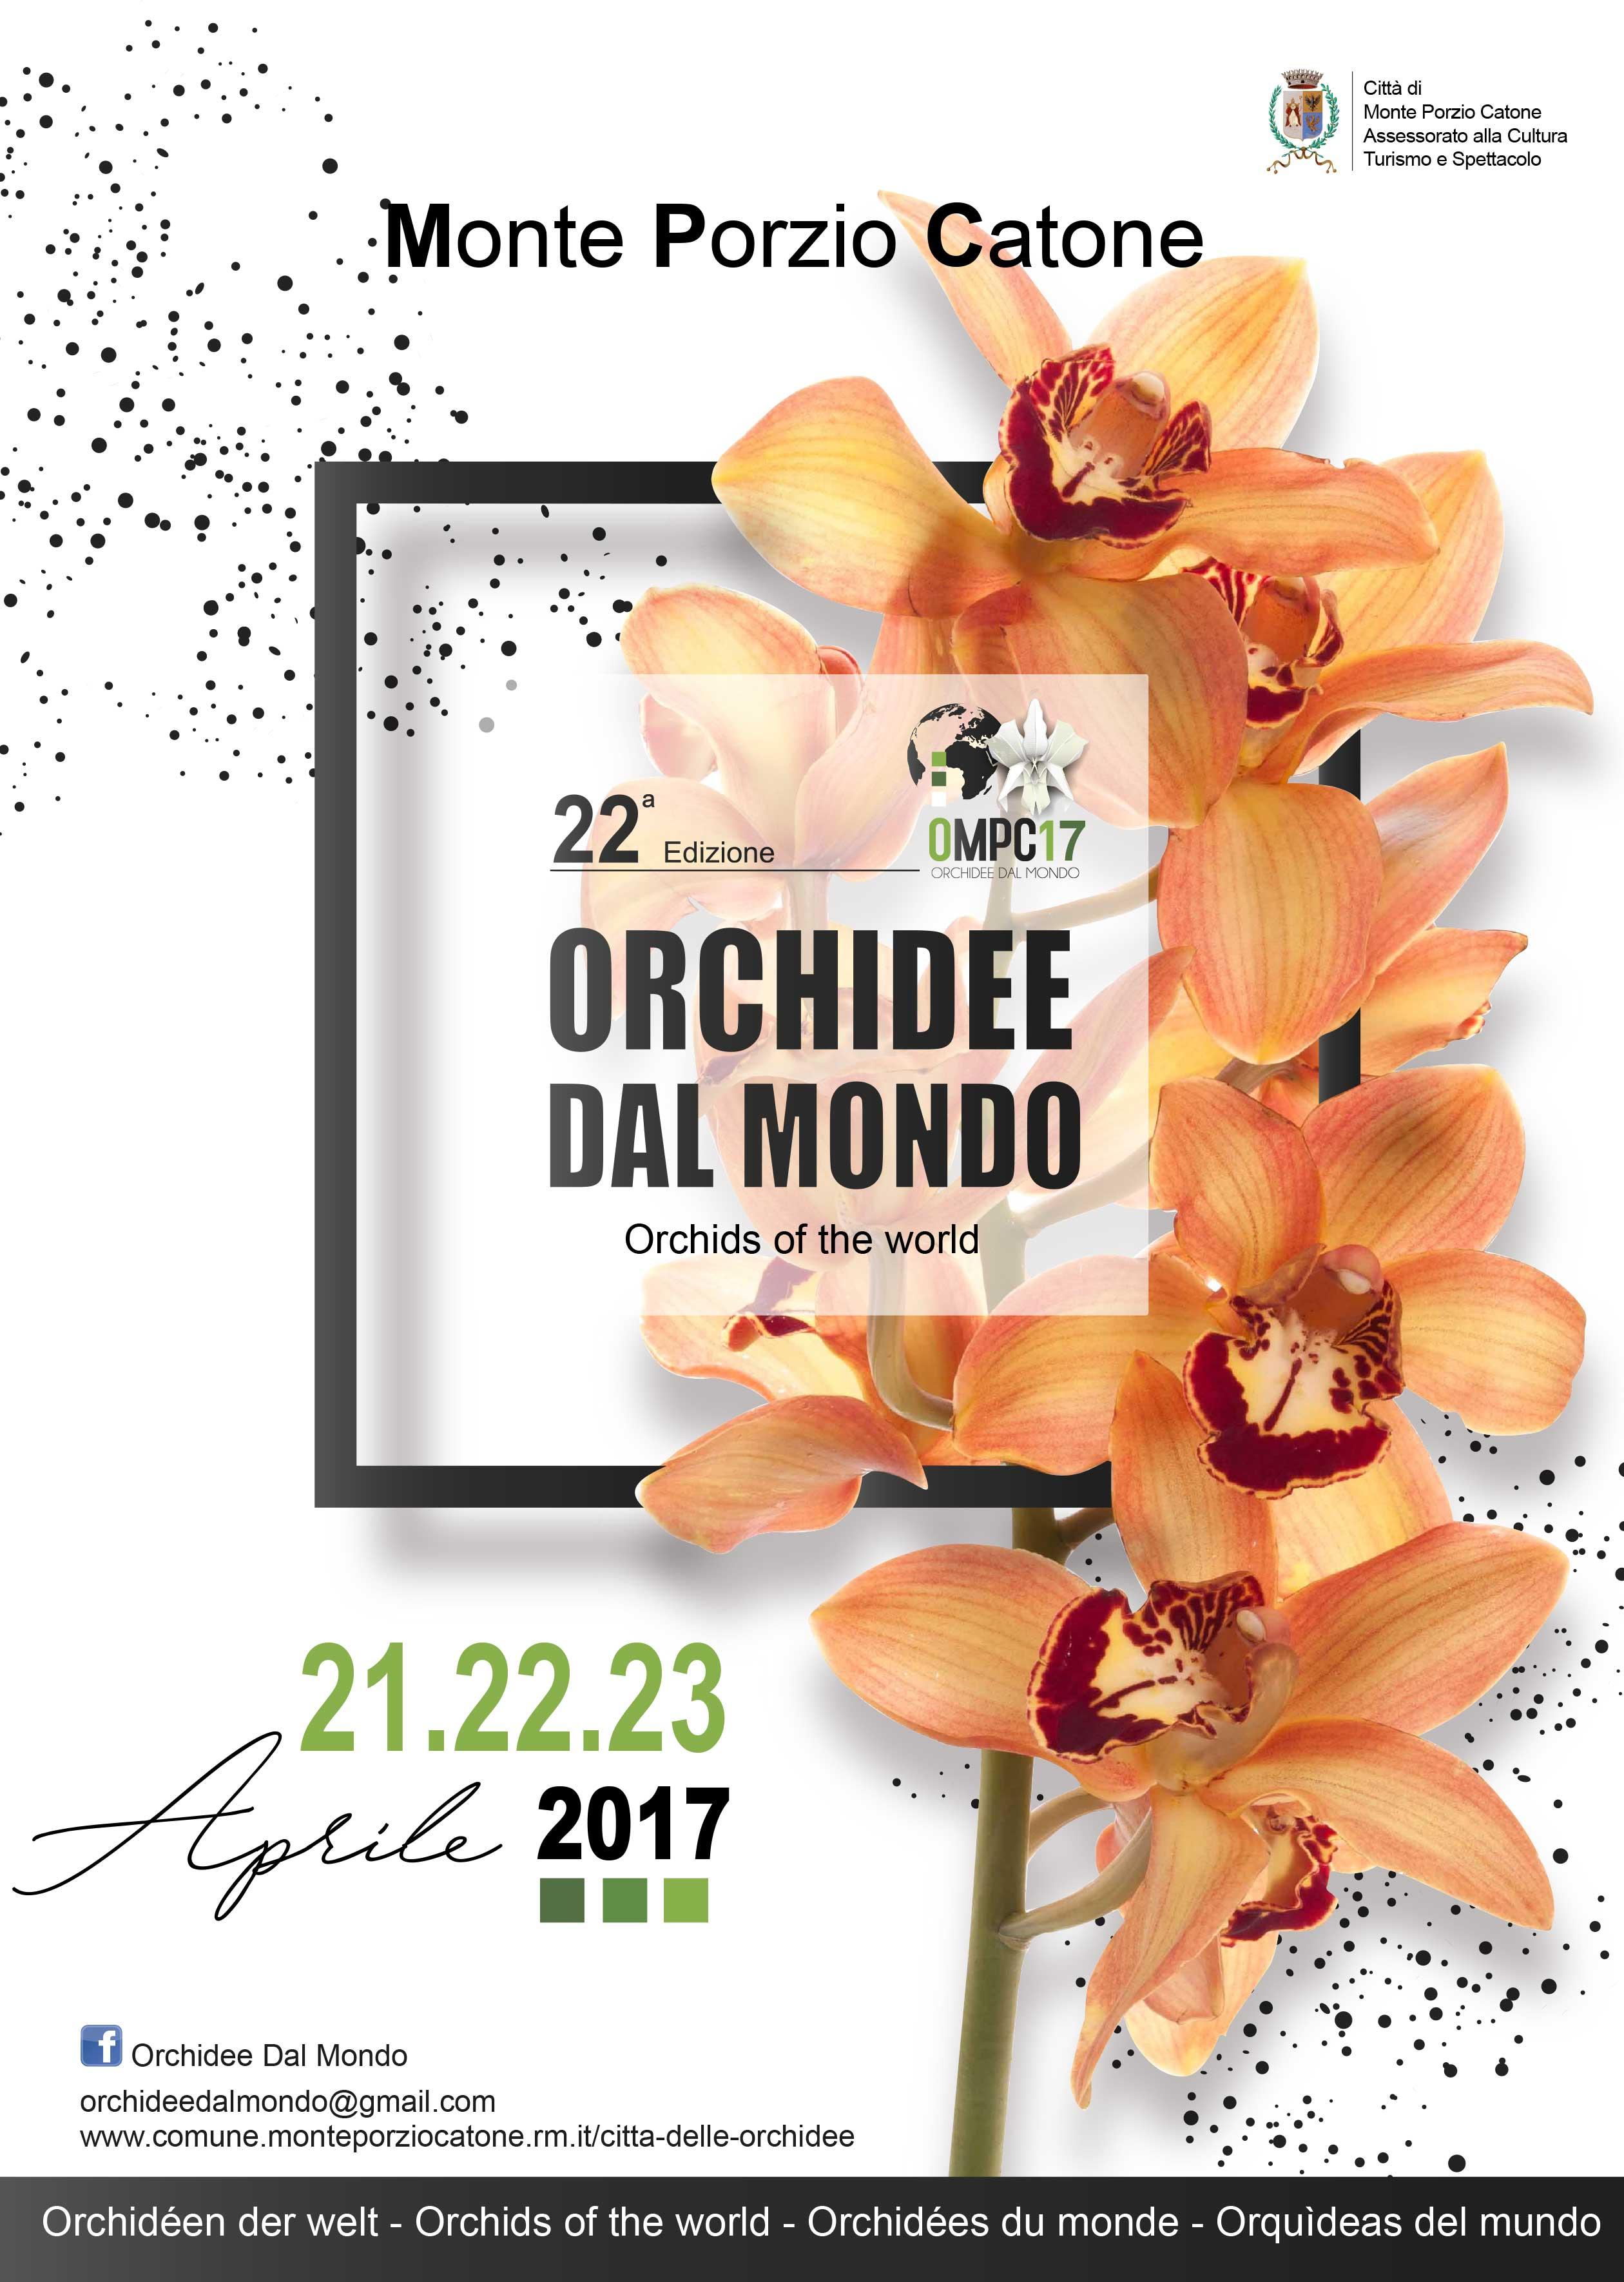 mostra internazionale orchidee 2017 monte porzio catone il tinello